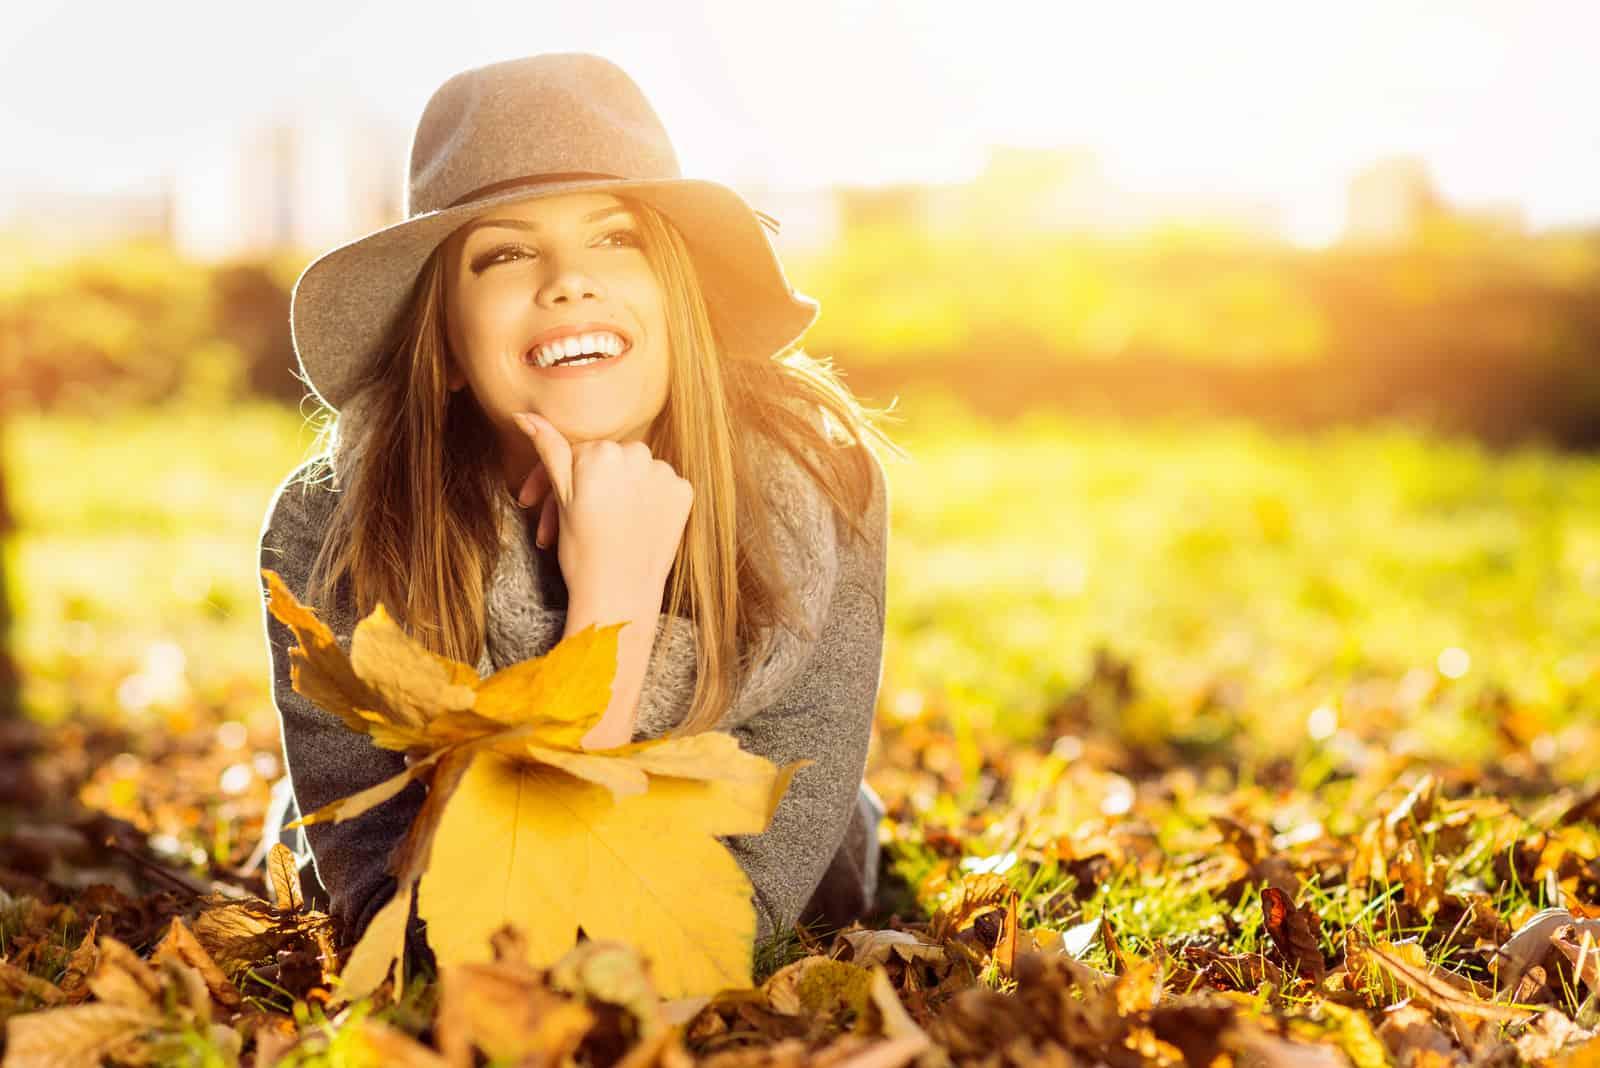 eine lächelnde Frau, die im Herbst auf einem Blatt liegt